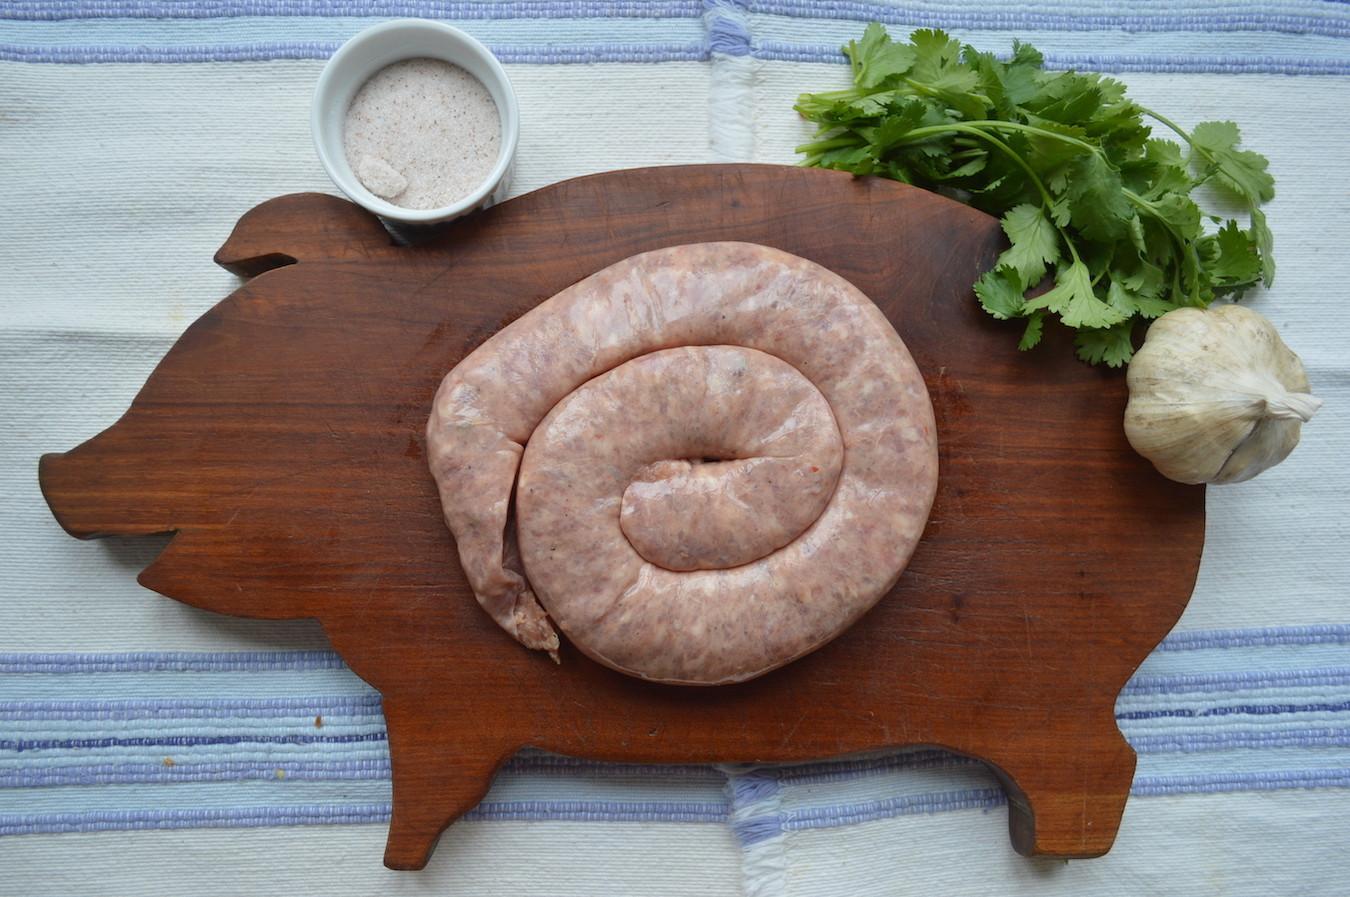 Pasture Raised Pork HOT Italian Sausage - Coil